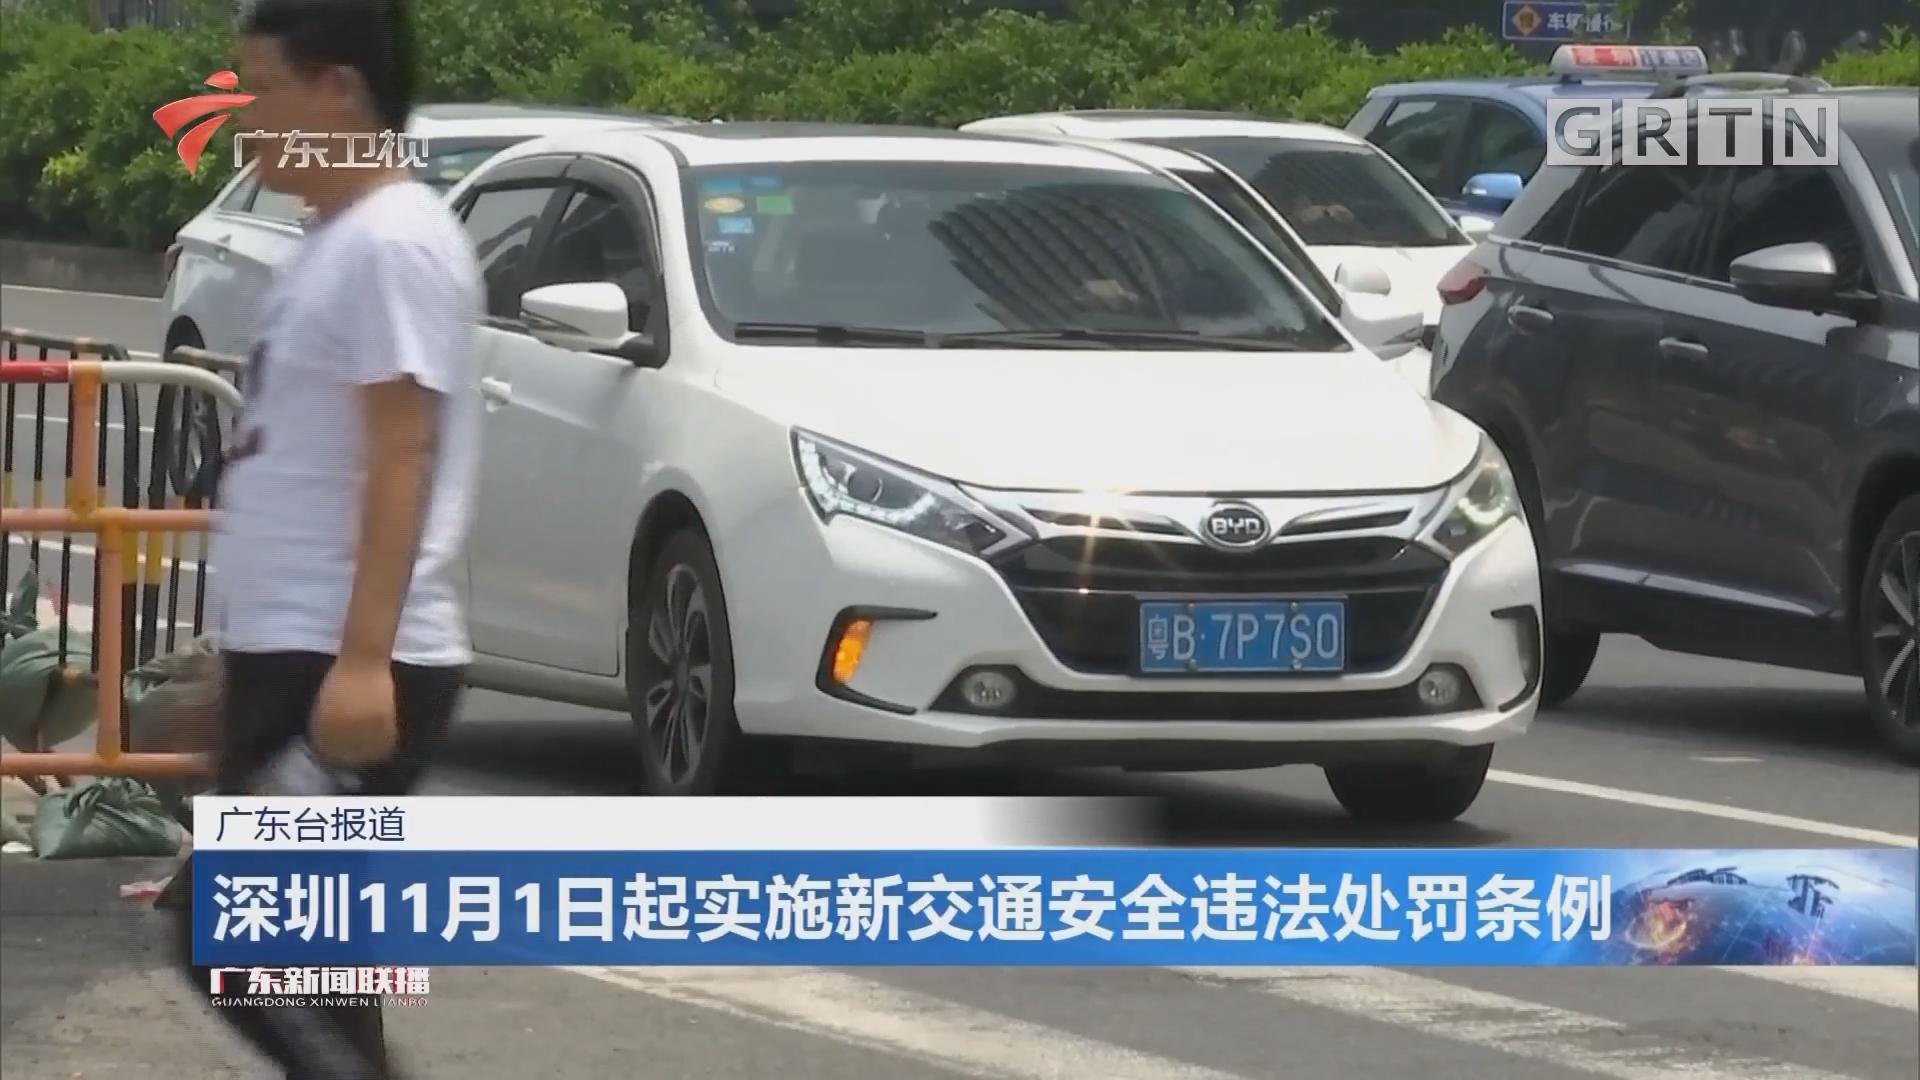 深圳11月1日起实施新交通安全违法处罚条例